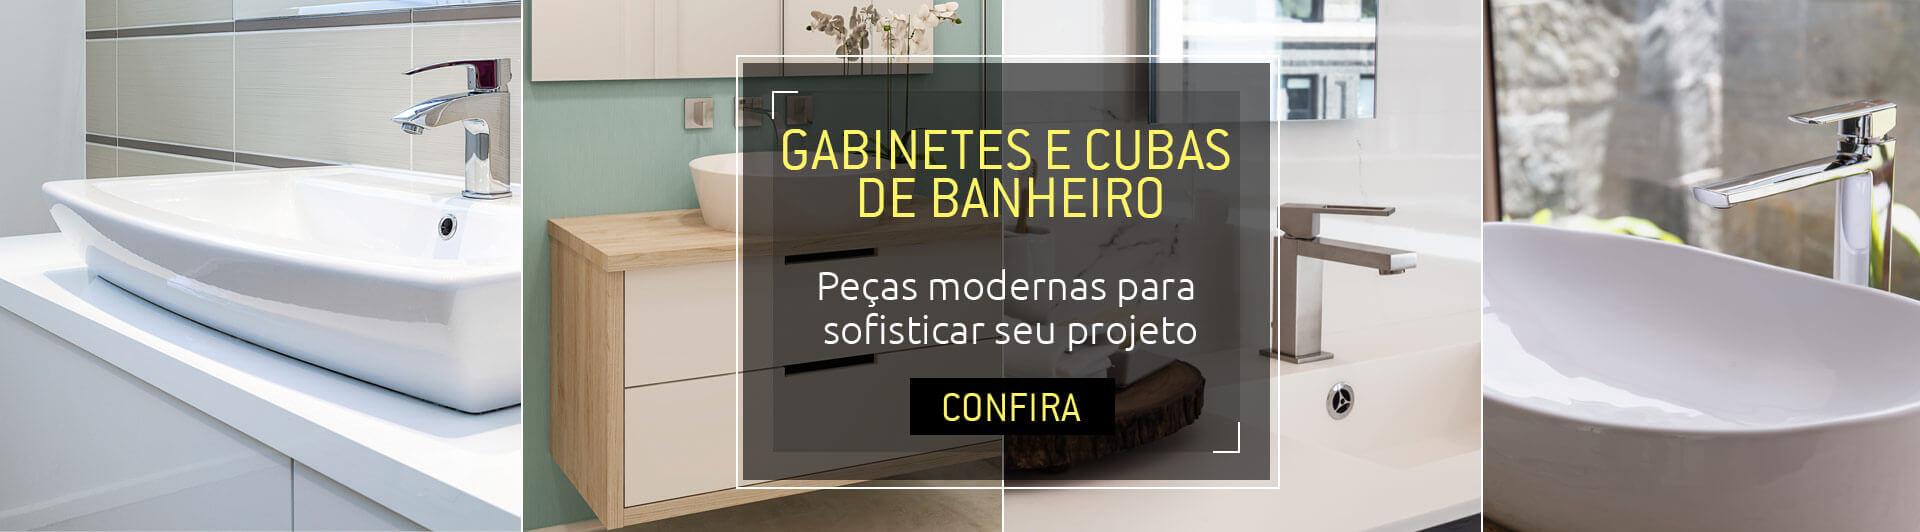 Banner - Gabinetes e Cubas de Banheiro